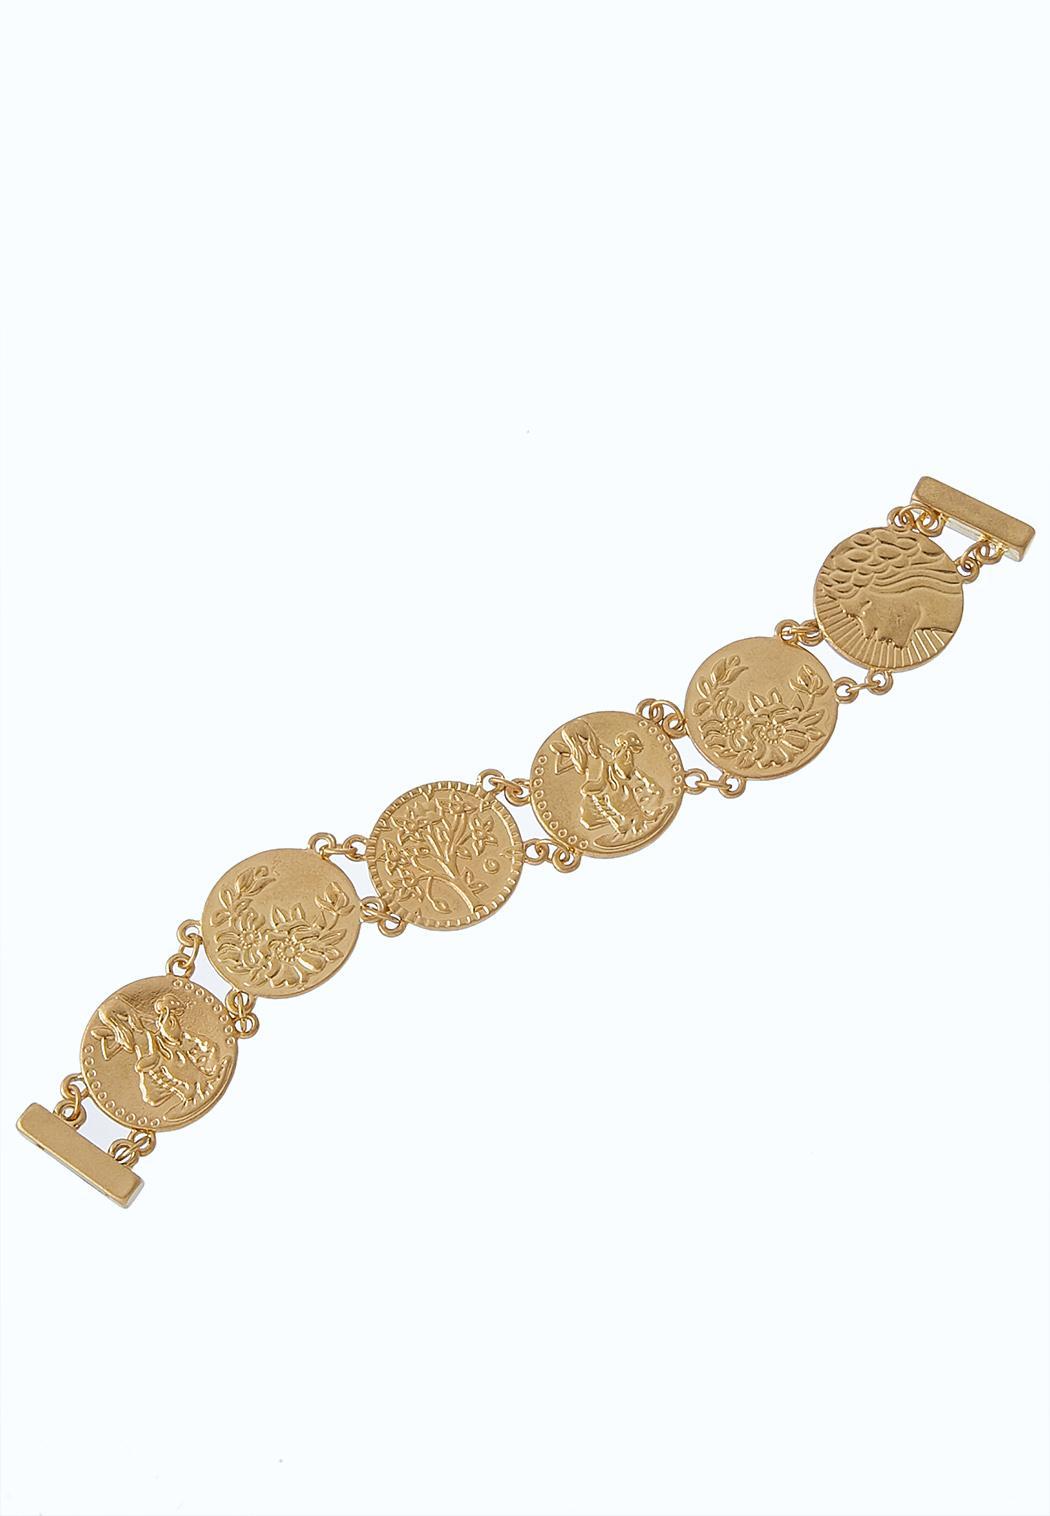 Linked  Coin Magnetic Bracelet